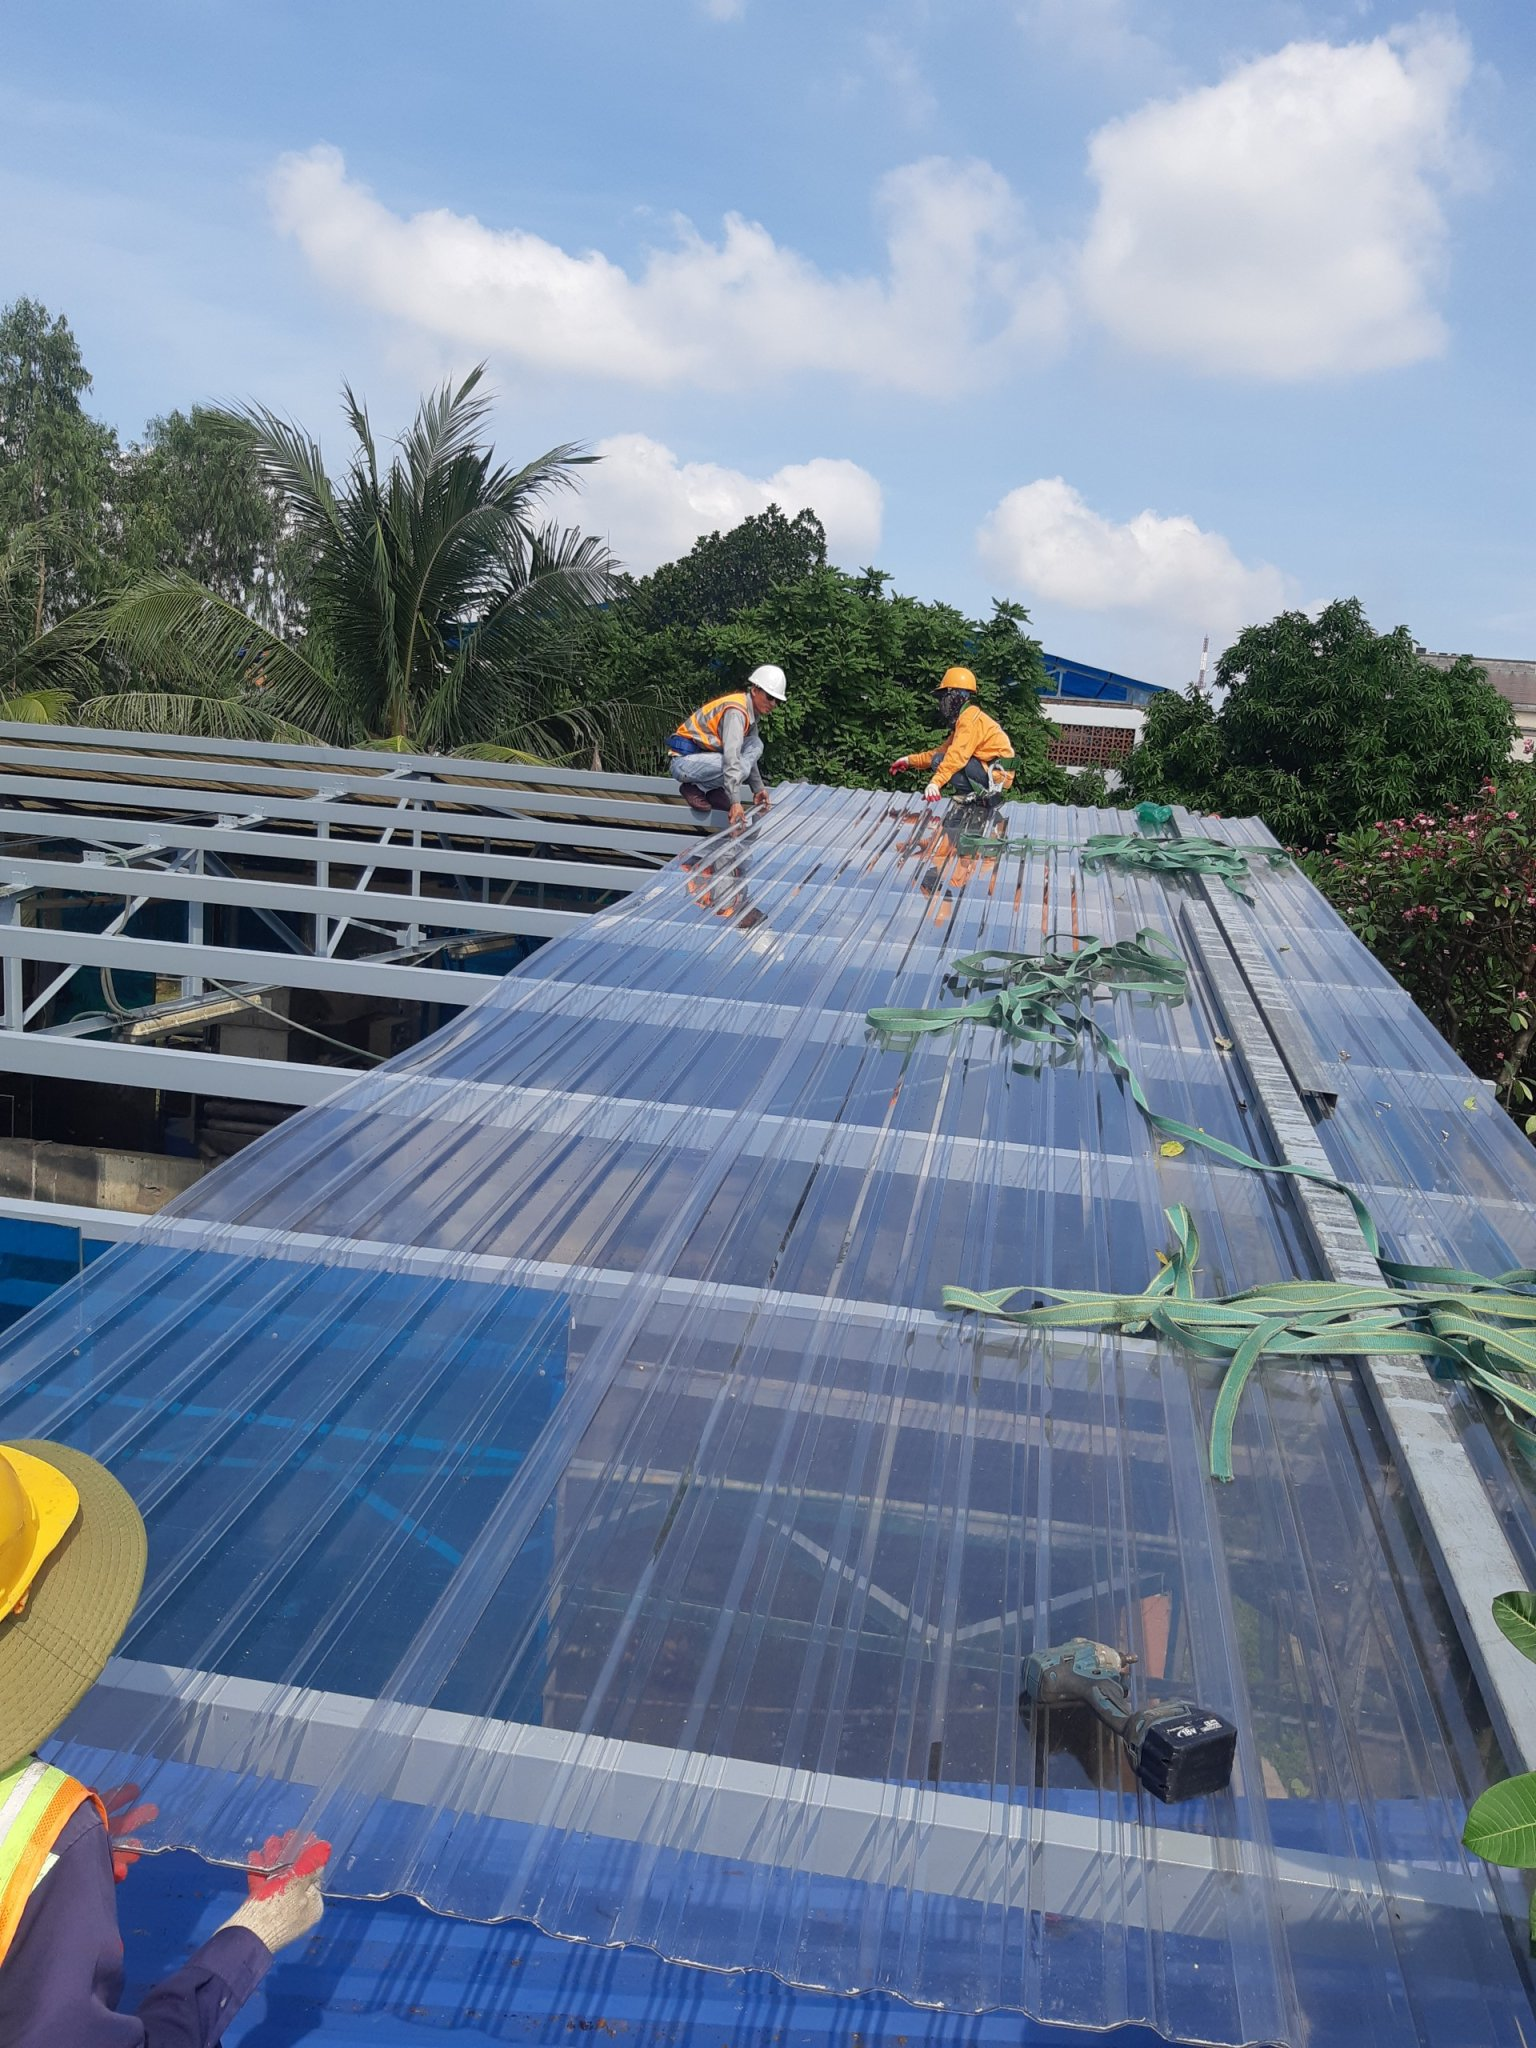 Tấm lợp nhựa Polycarbonate trong suốt cho nhà phơi bùn ở khu VSIP, Bình Dương (Ảnh: Công trình thi công thực tế của Nhựa Nam Việt)